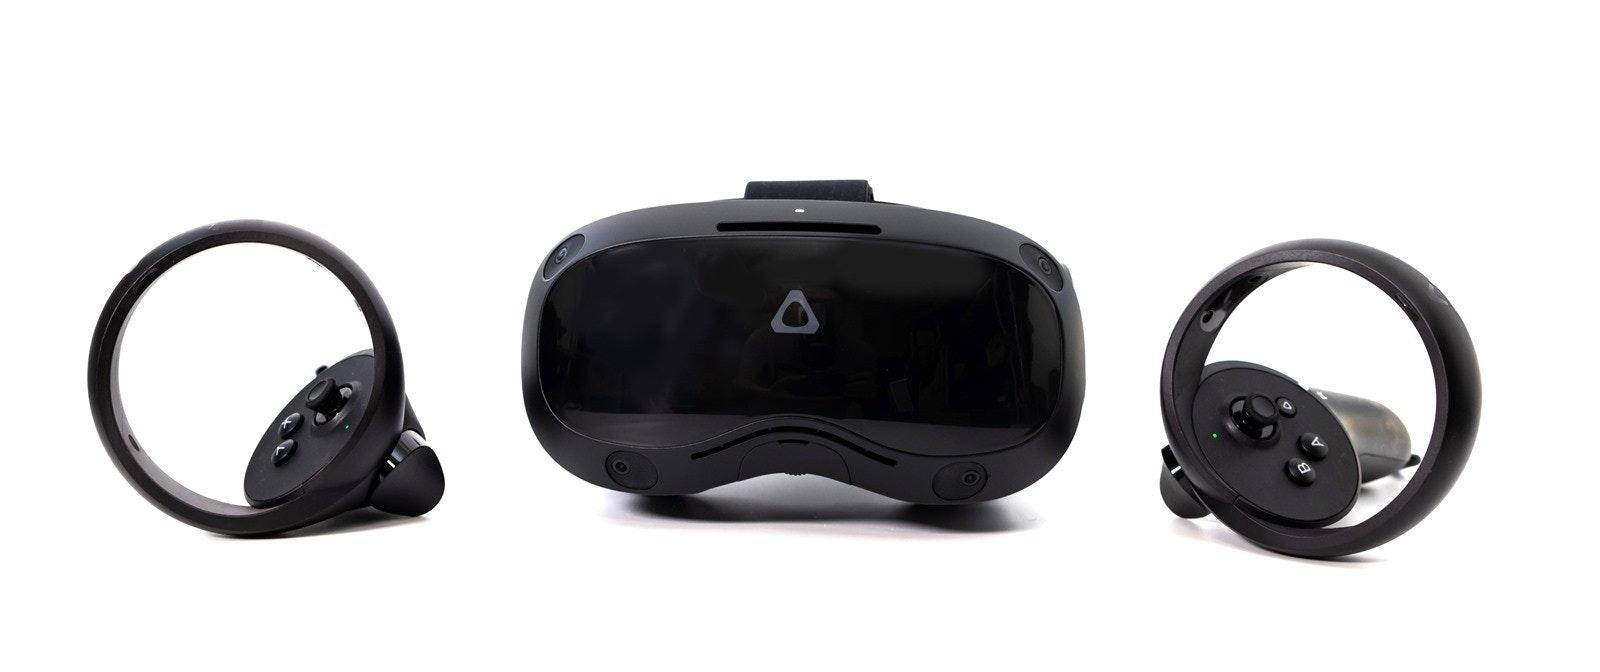 照片中包含了頭戴式耳機、虛擬現實、頭戴式耳機、HTC Vive 焦點 3、耳機